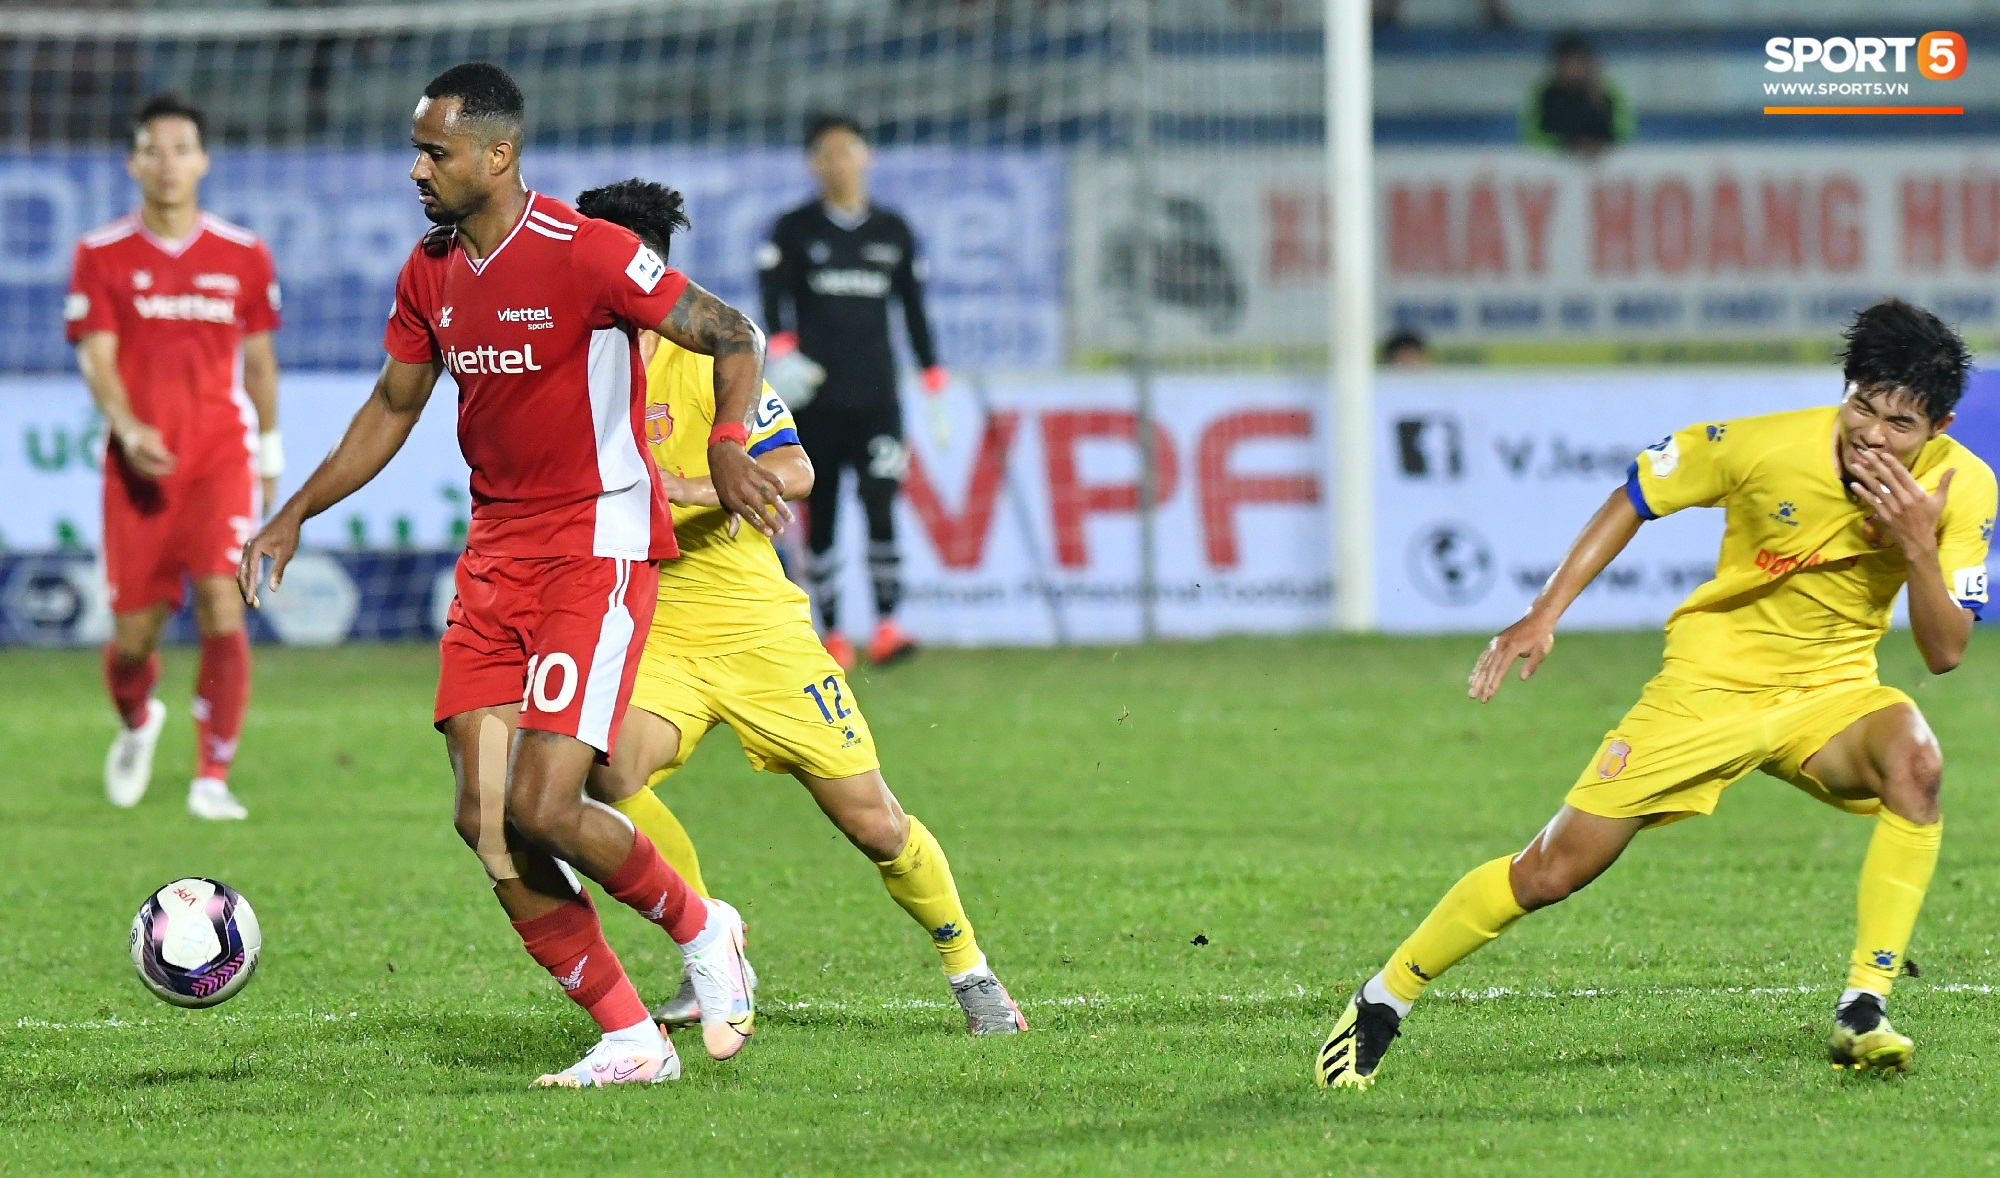 """""""Liên hoàn cùi chỏ"""" của ngoại binh Viettel FC khiến hai cầu thủ Nam Định nhăn nhó - Ảnh 2."""